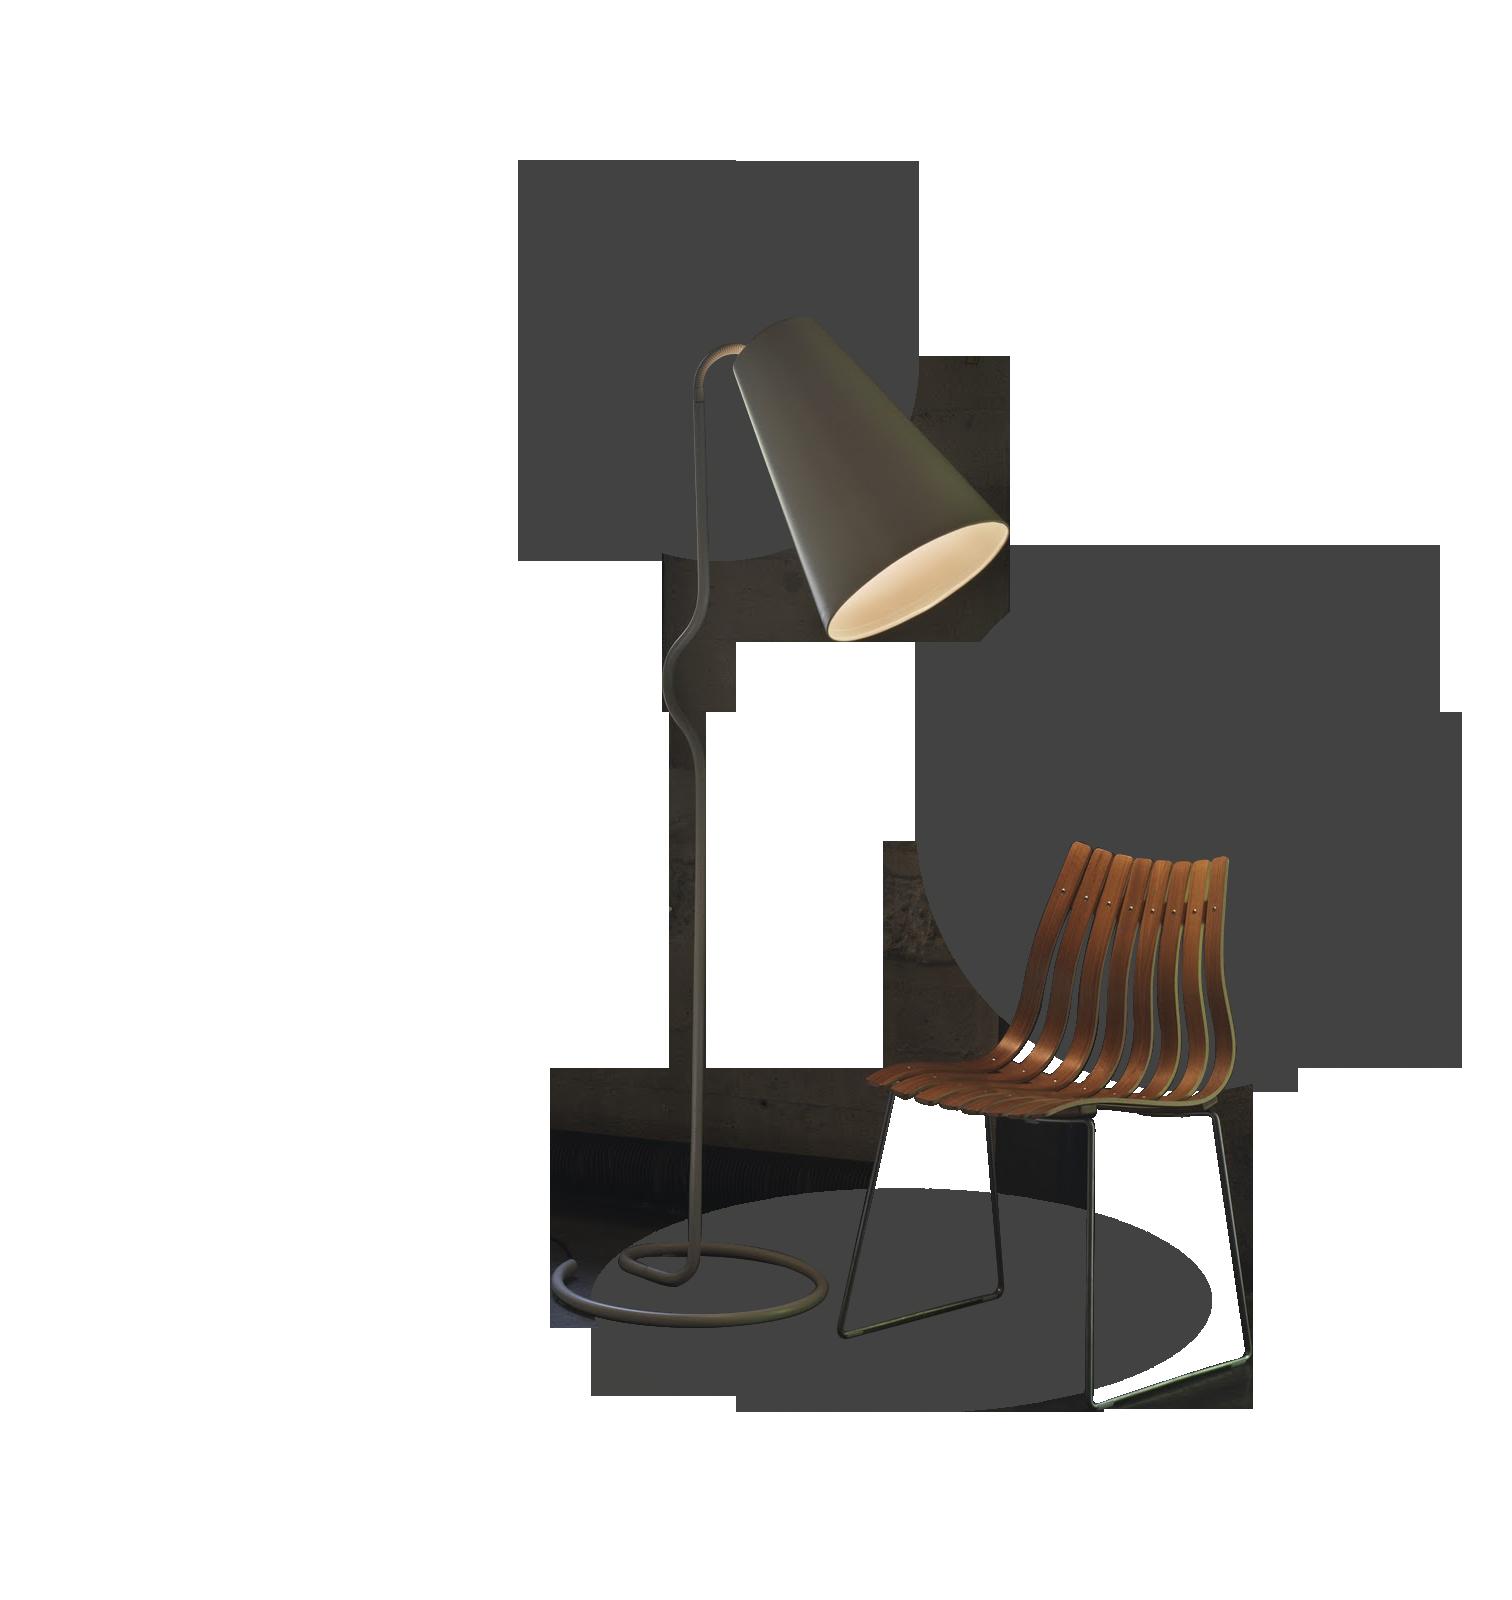 INTERI - interjero dizainas, projektavimas, baldų gamyba